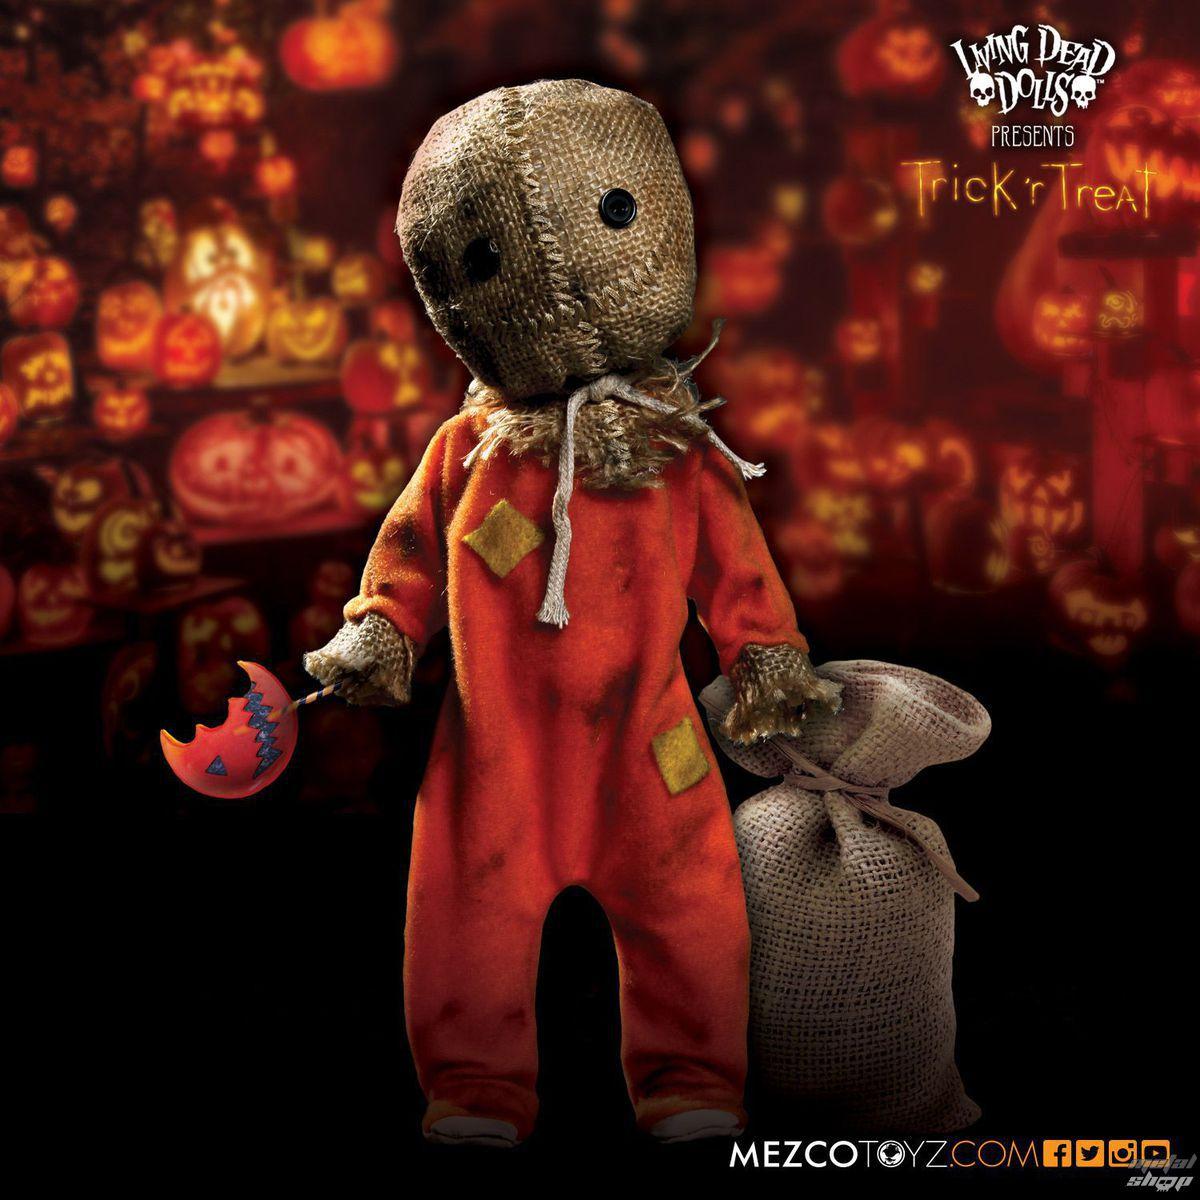 figurka Trick 'r Treat - Living Dead Dolls Doll - Sam - MEZ94721